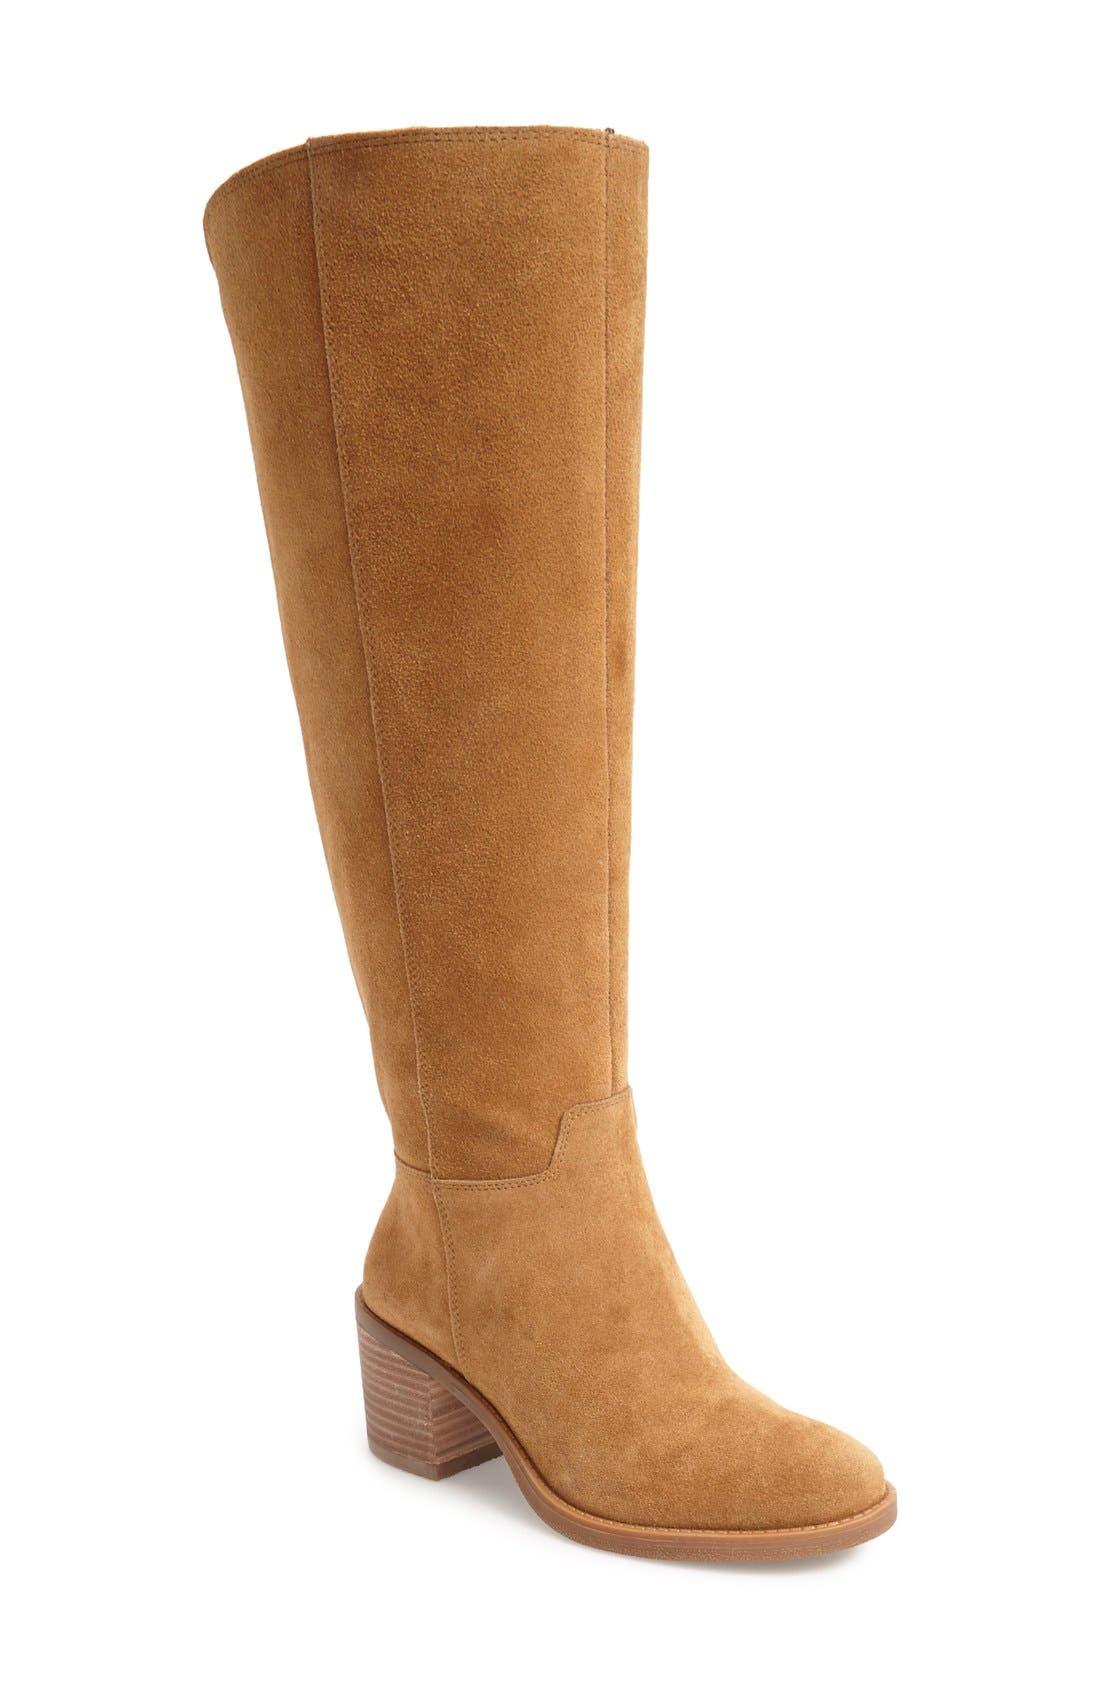 Alternate Image 1 Selected - Lucky Brand Ritten Tall Boot (Women) (Wide Calf)